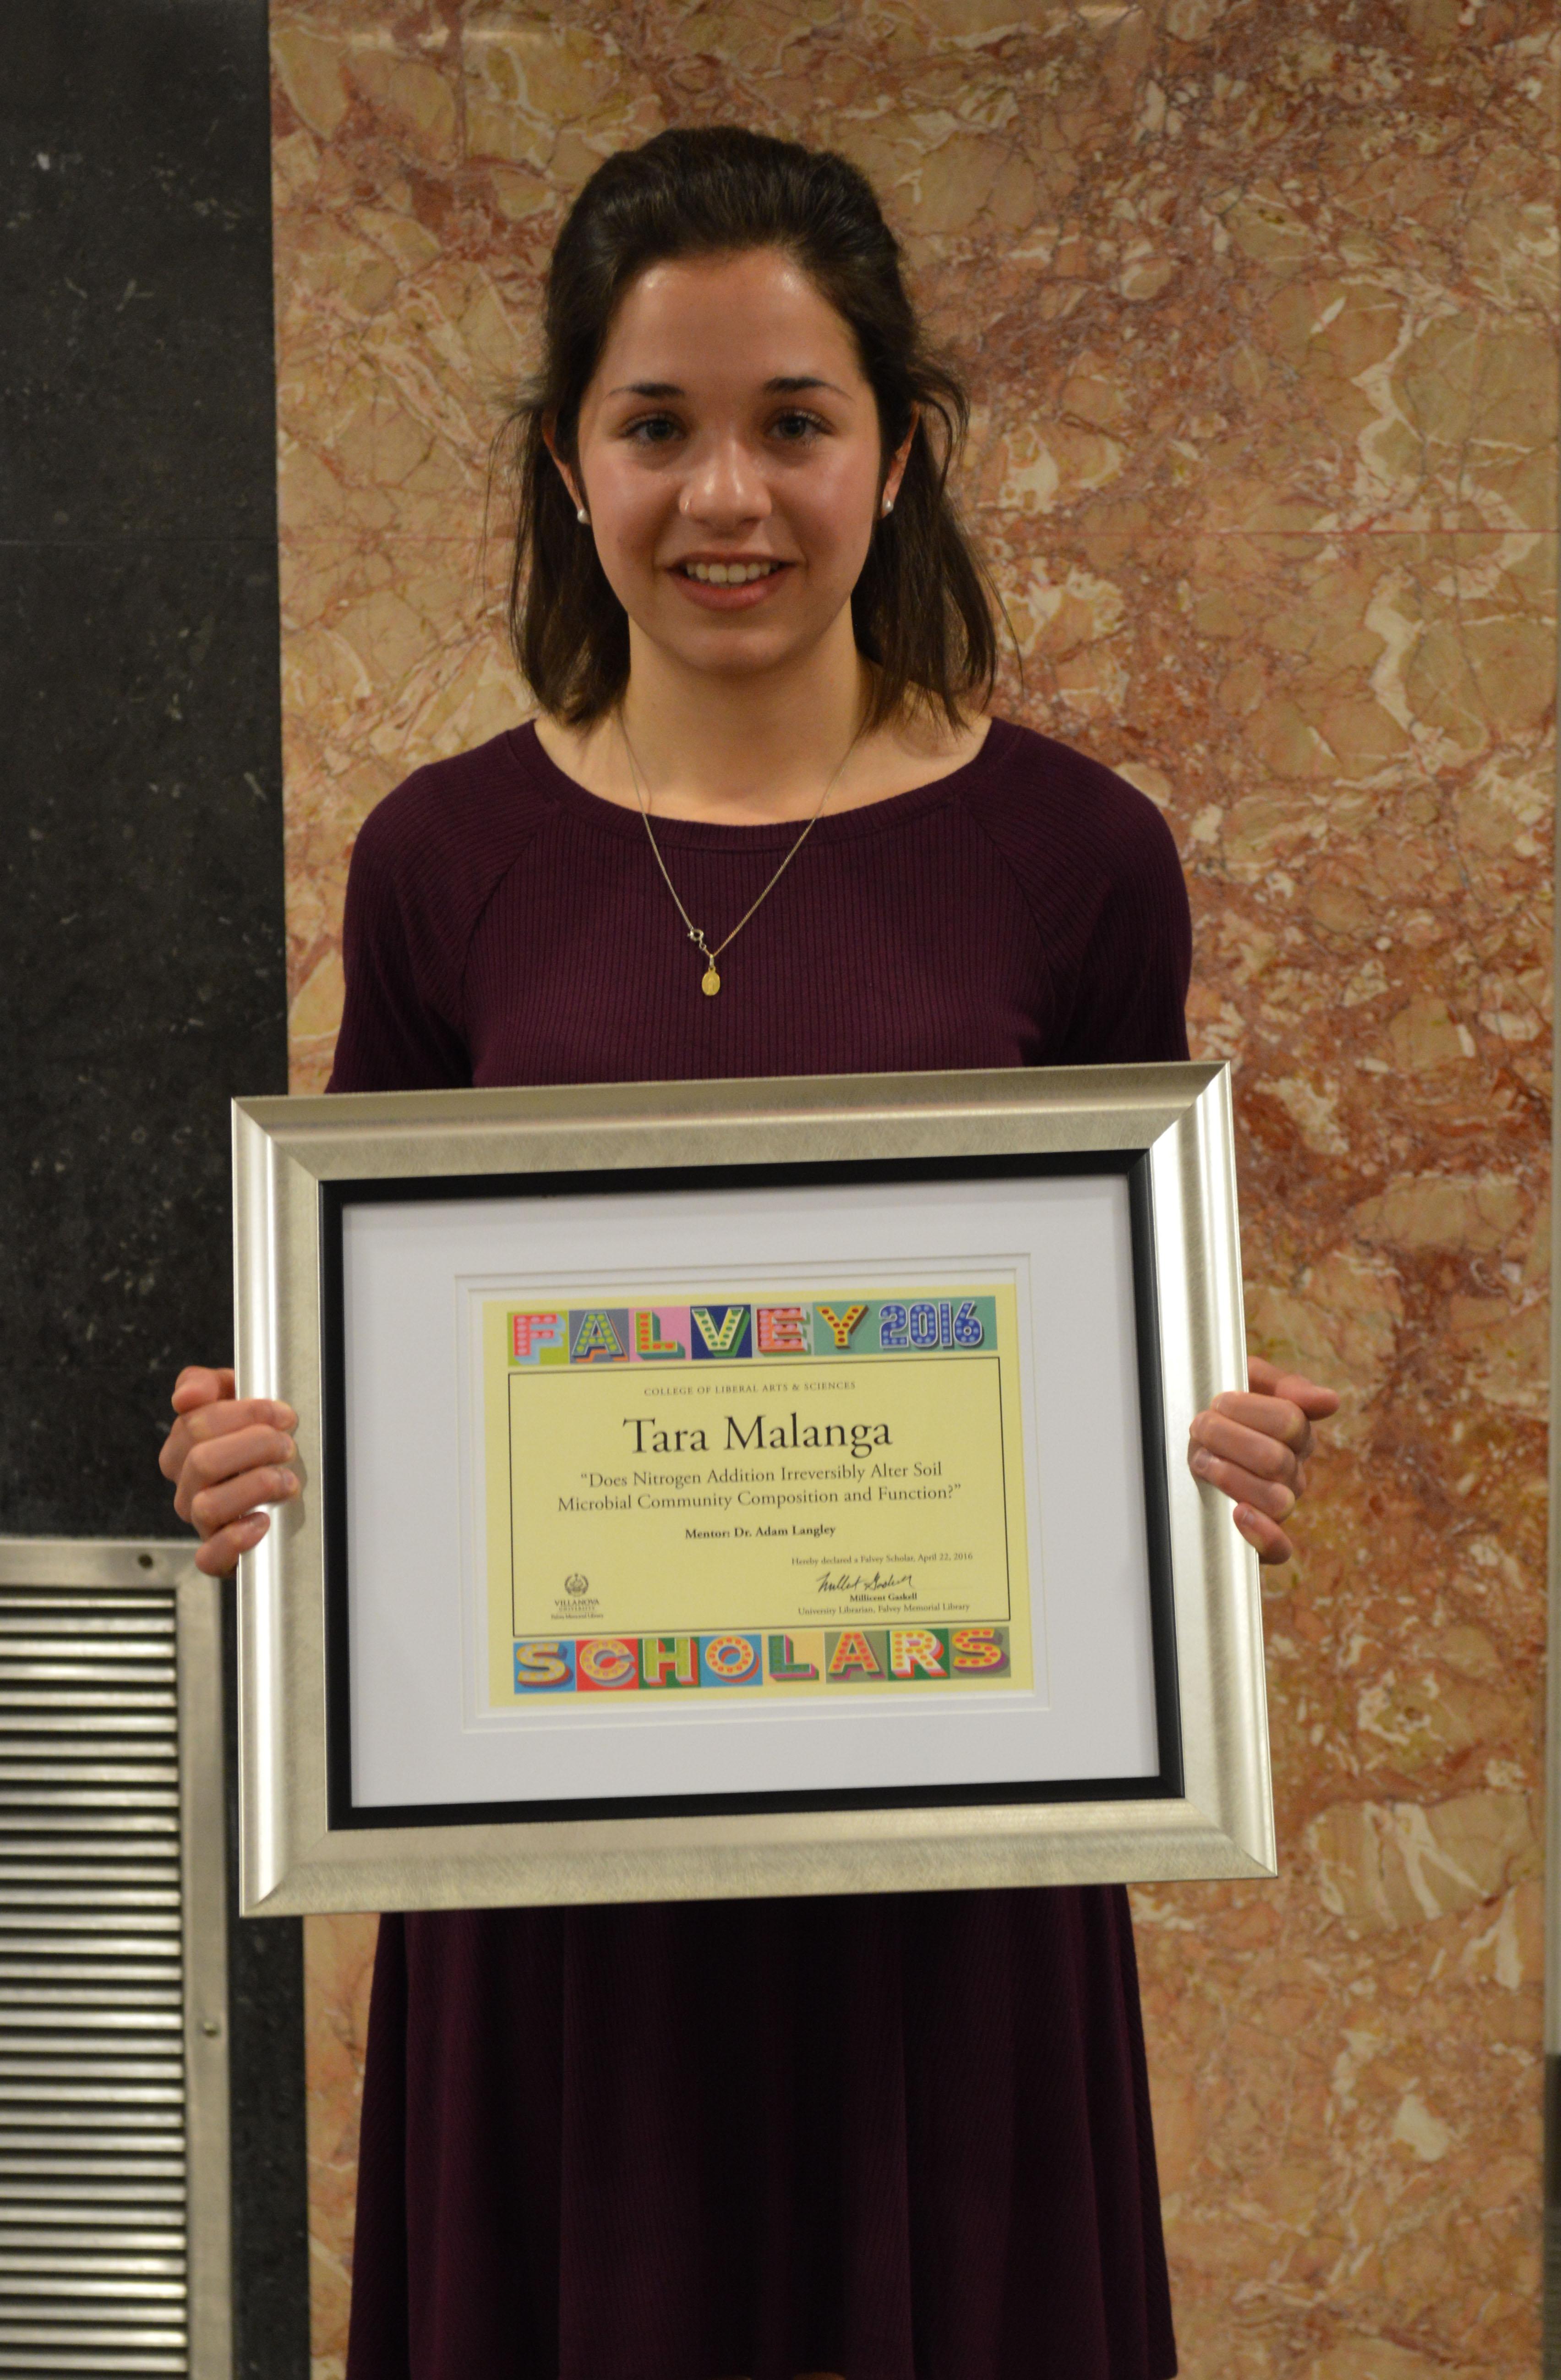 Tara Malanga with Falvey Scholars certificate